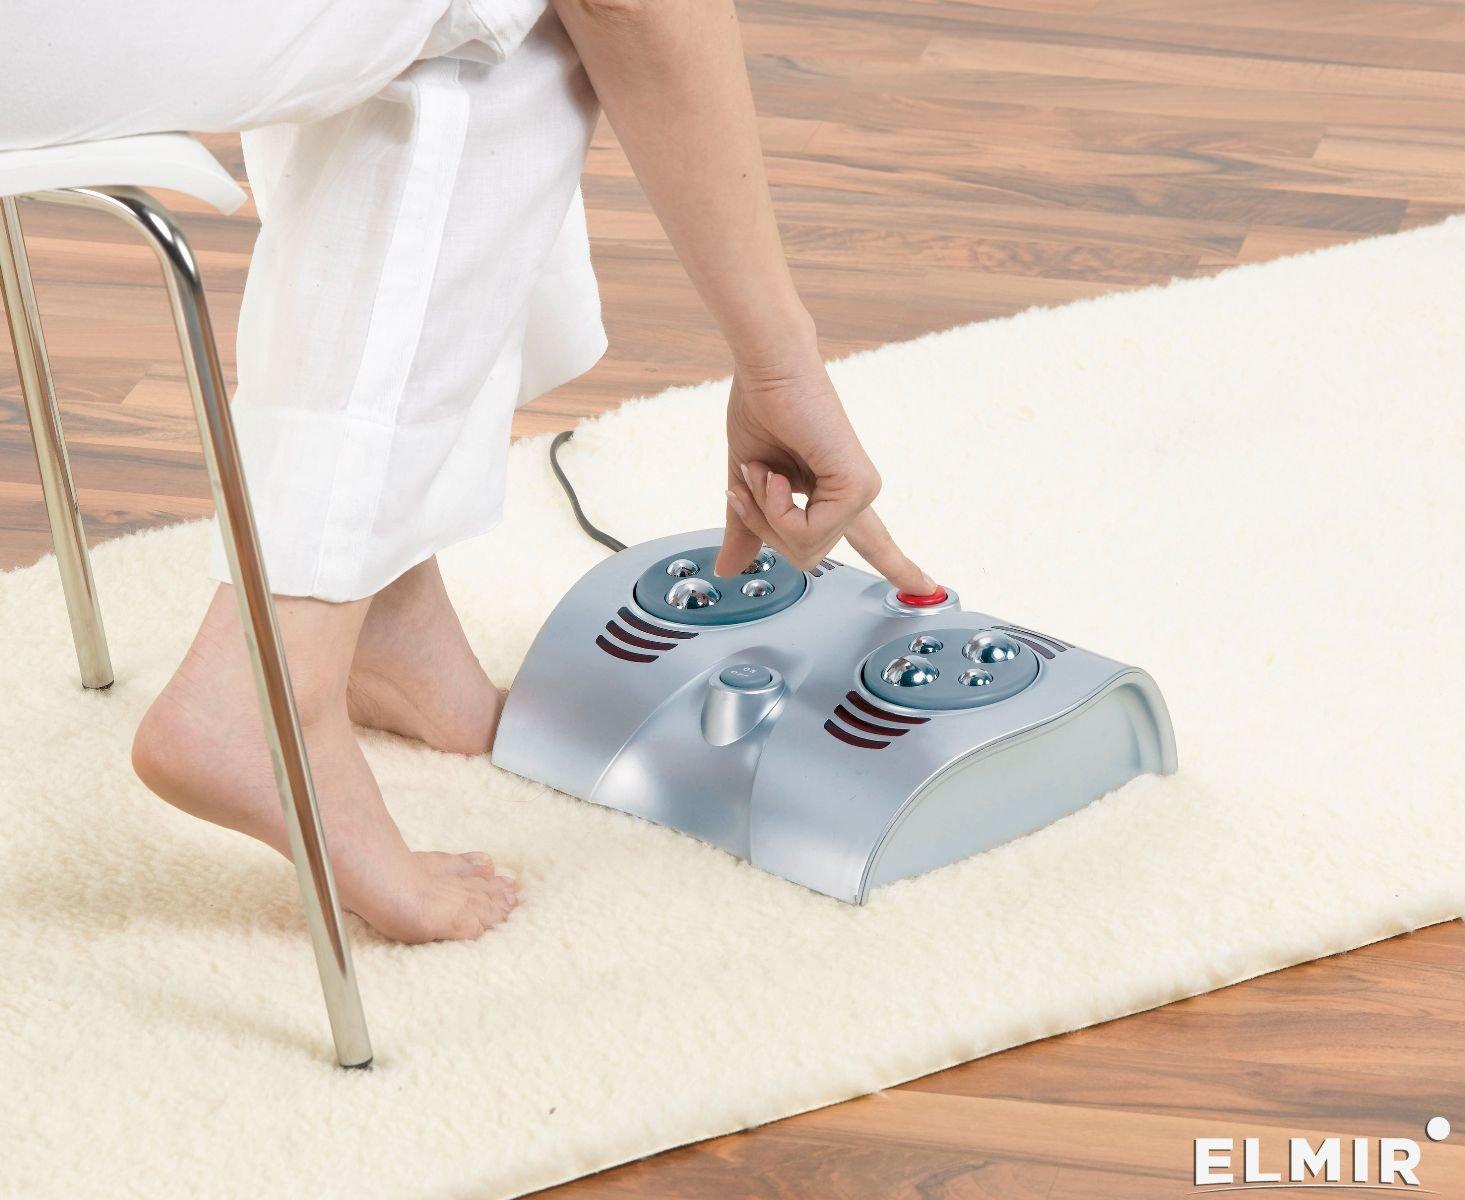 Beurer fm 38 массажер к чему снится красивое женское нижнее белье